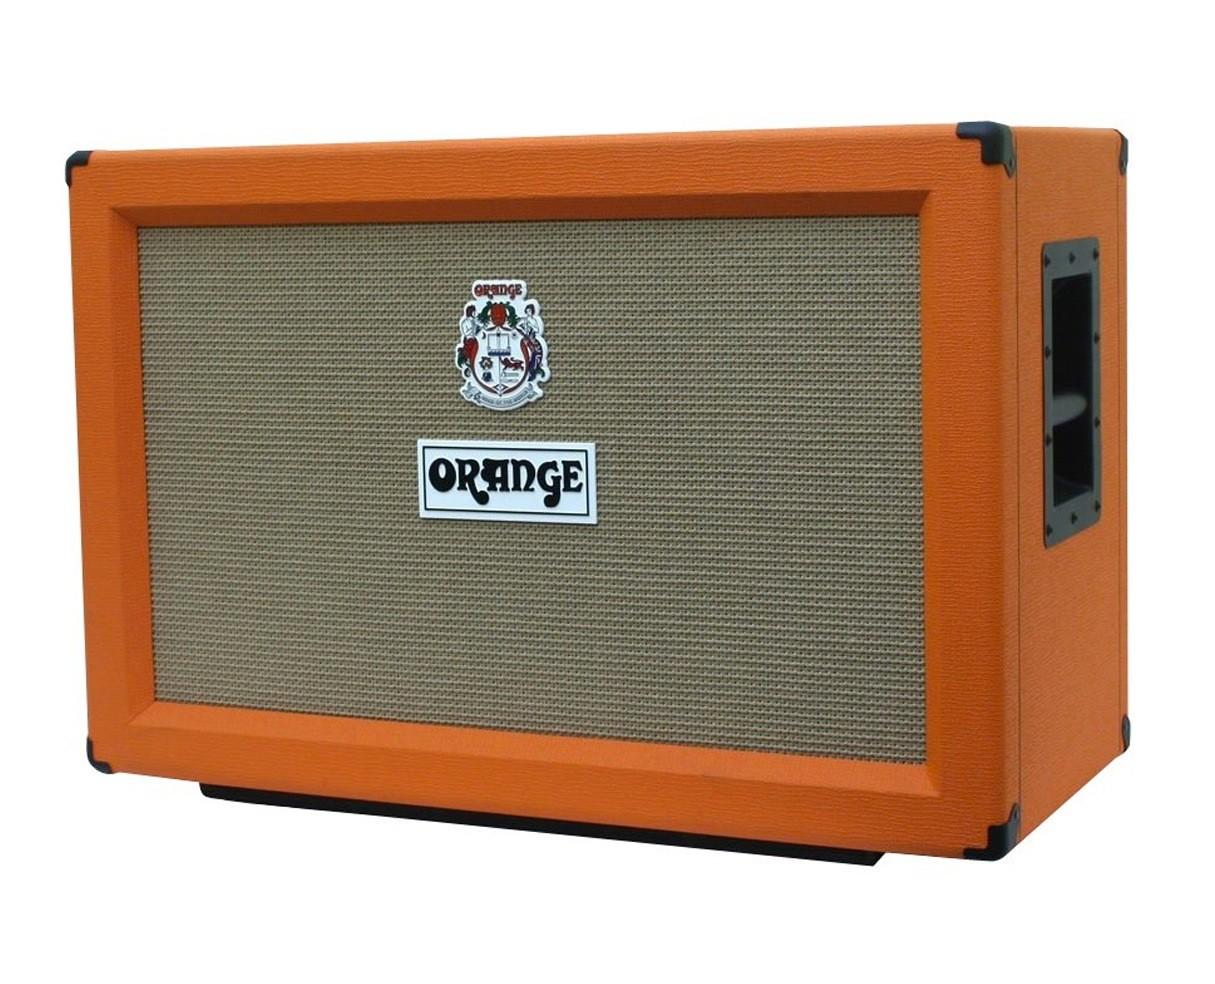 ORN-PPC212